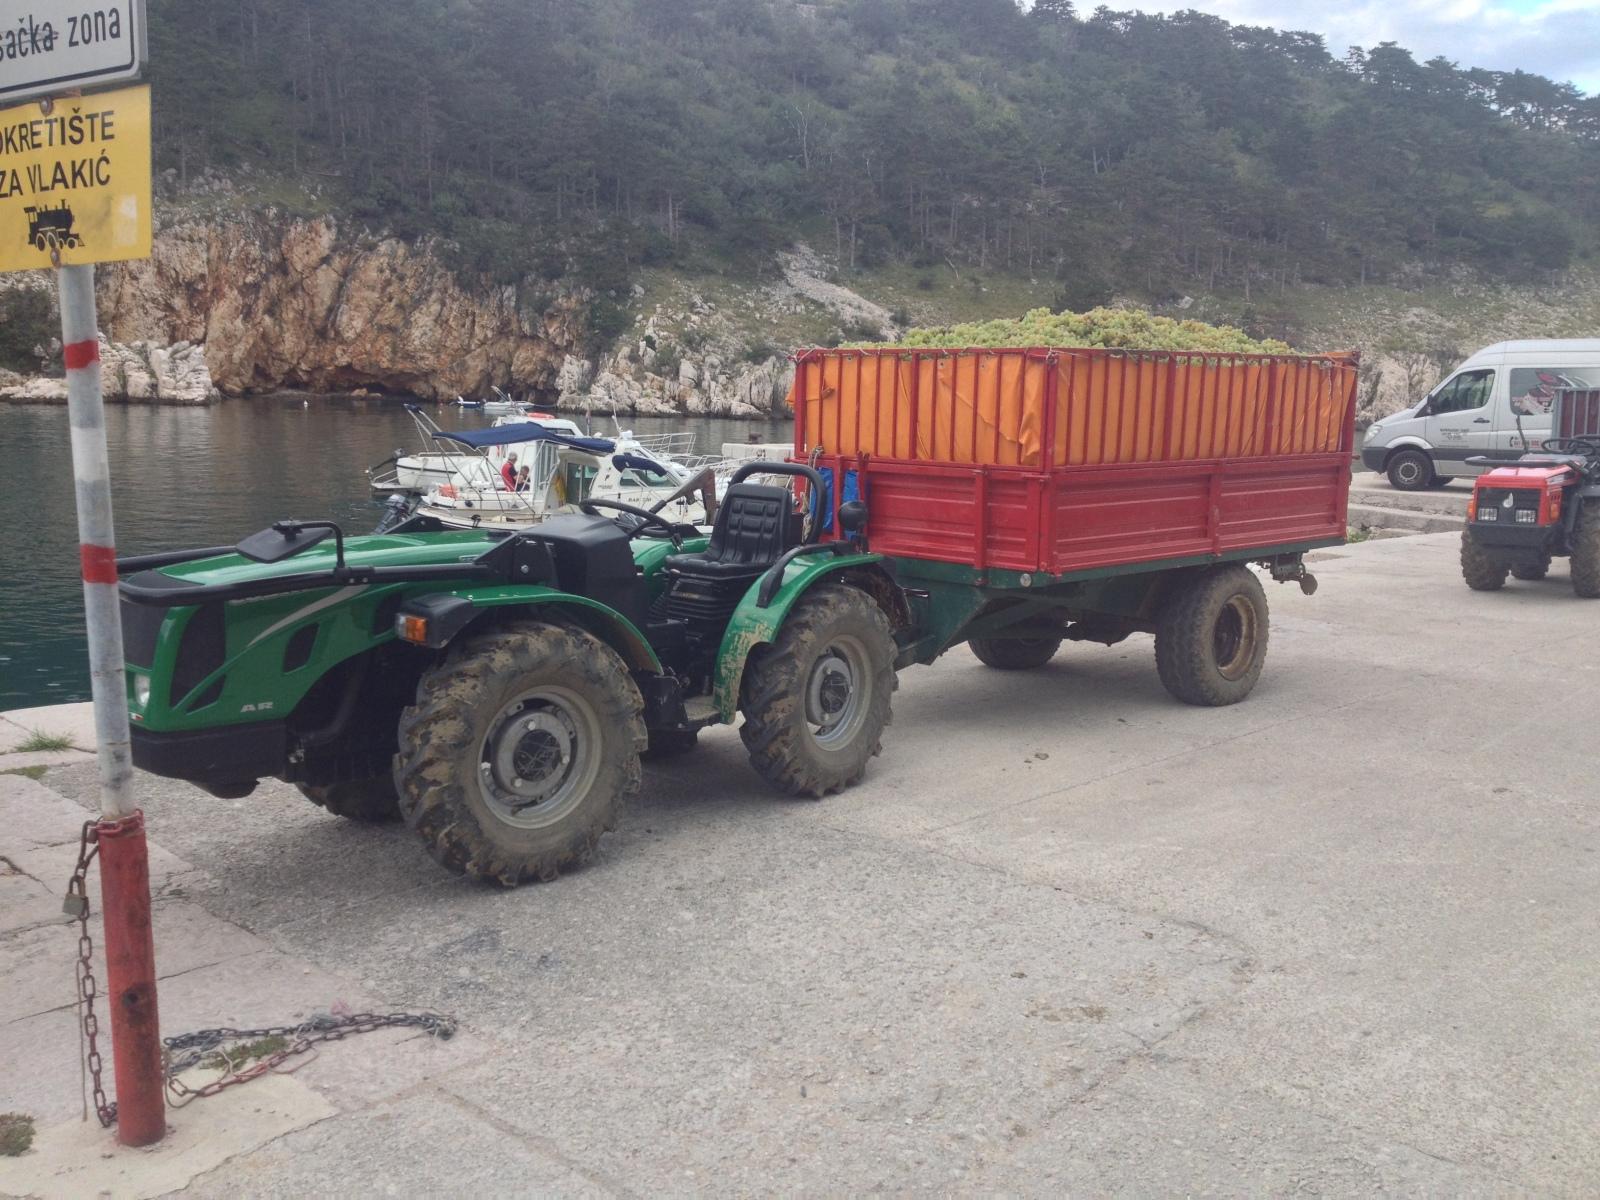 Traktori Ferrari opća tema traktora Ht7oeu